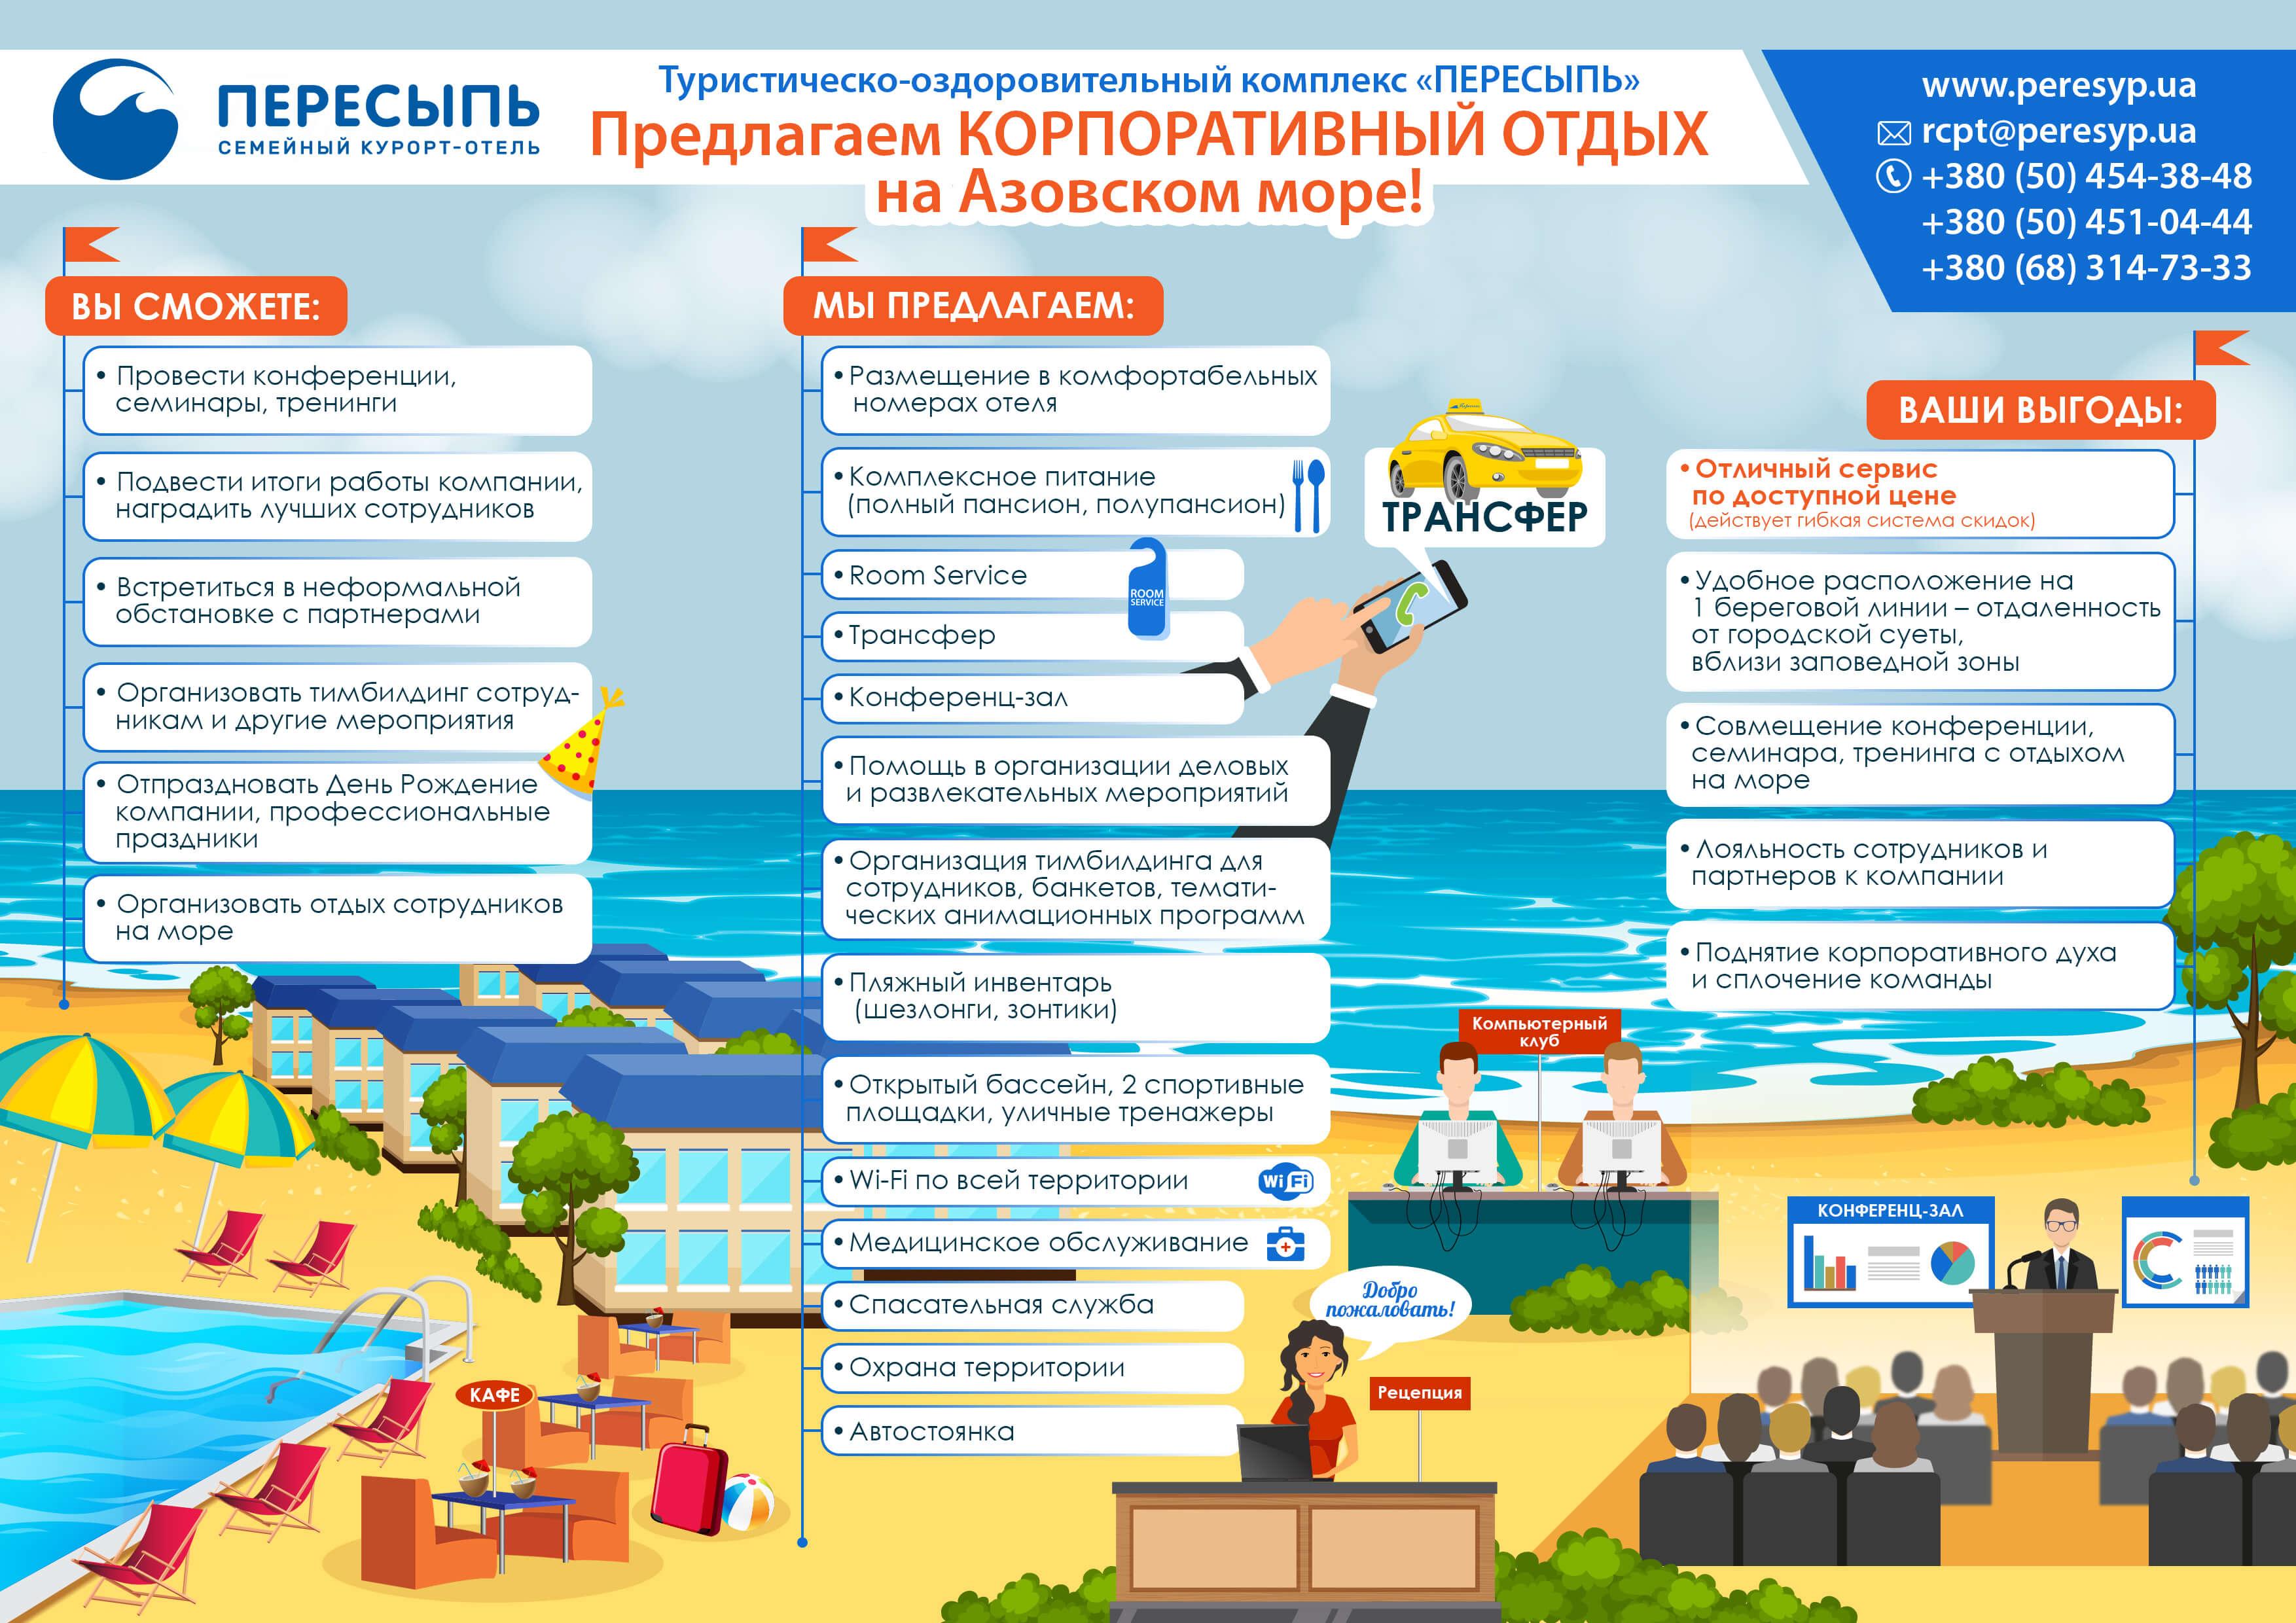 а4_инфографика2019